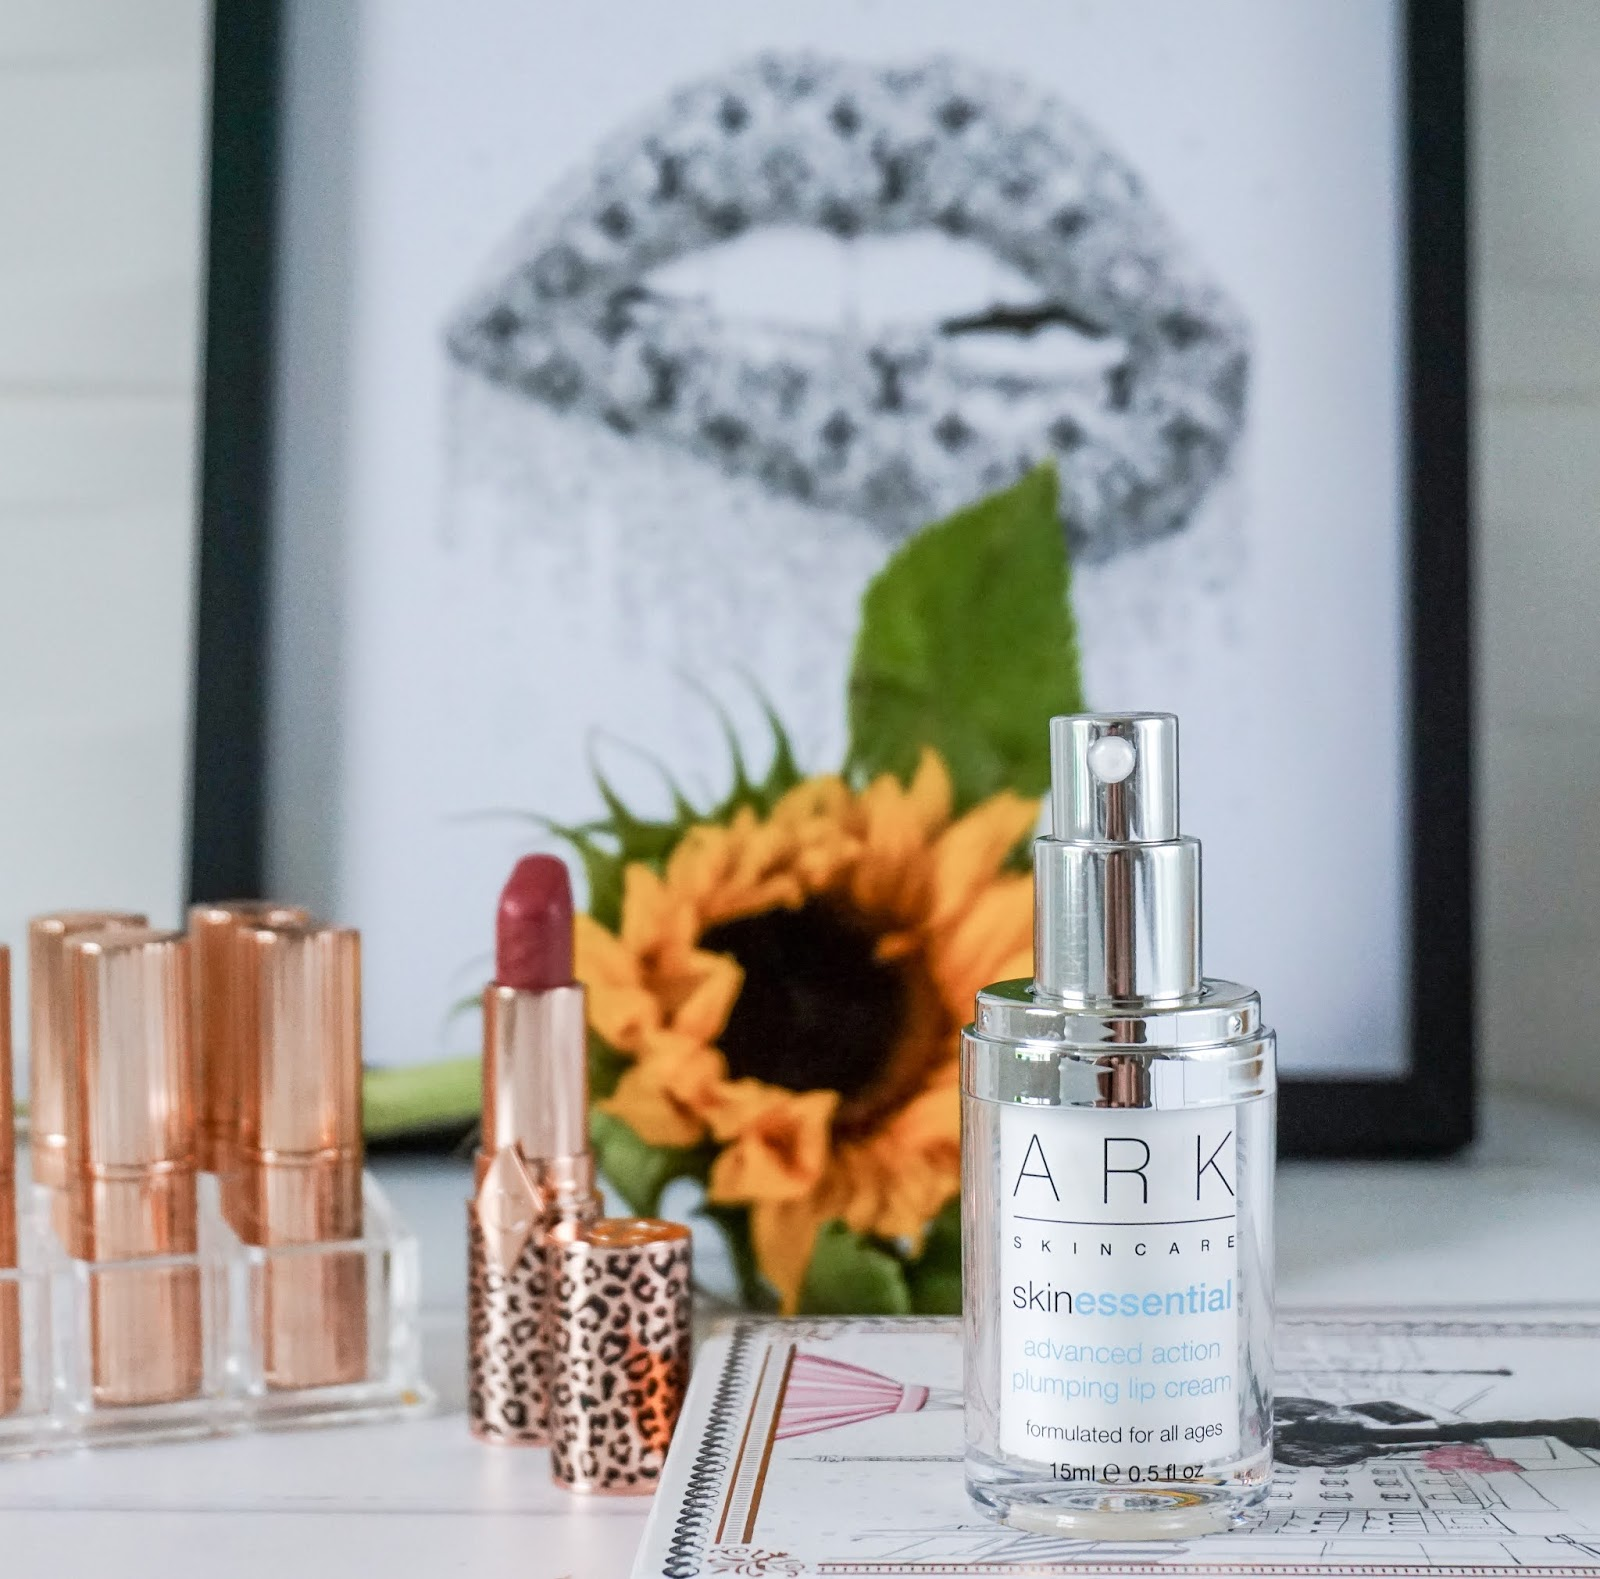 ARK Skincare Plumping Lip Cream